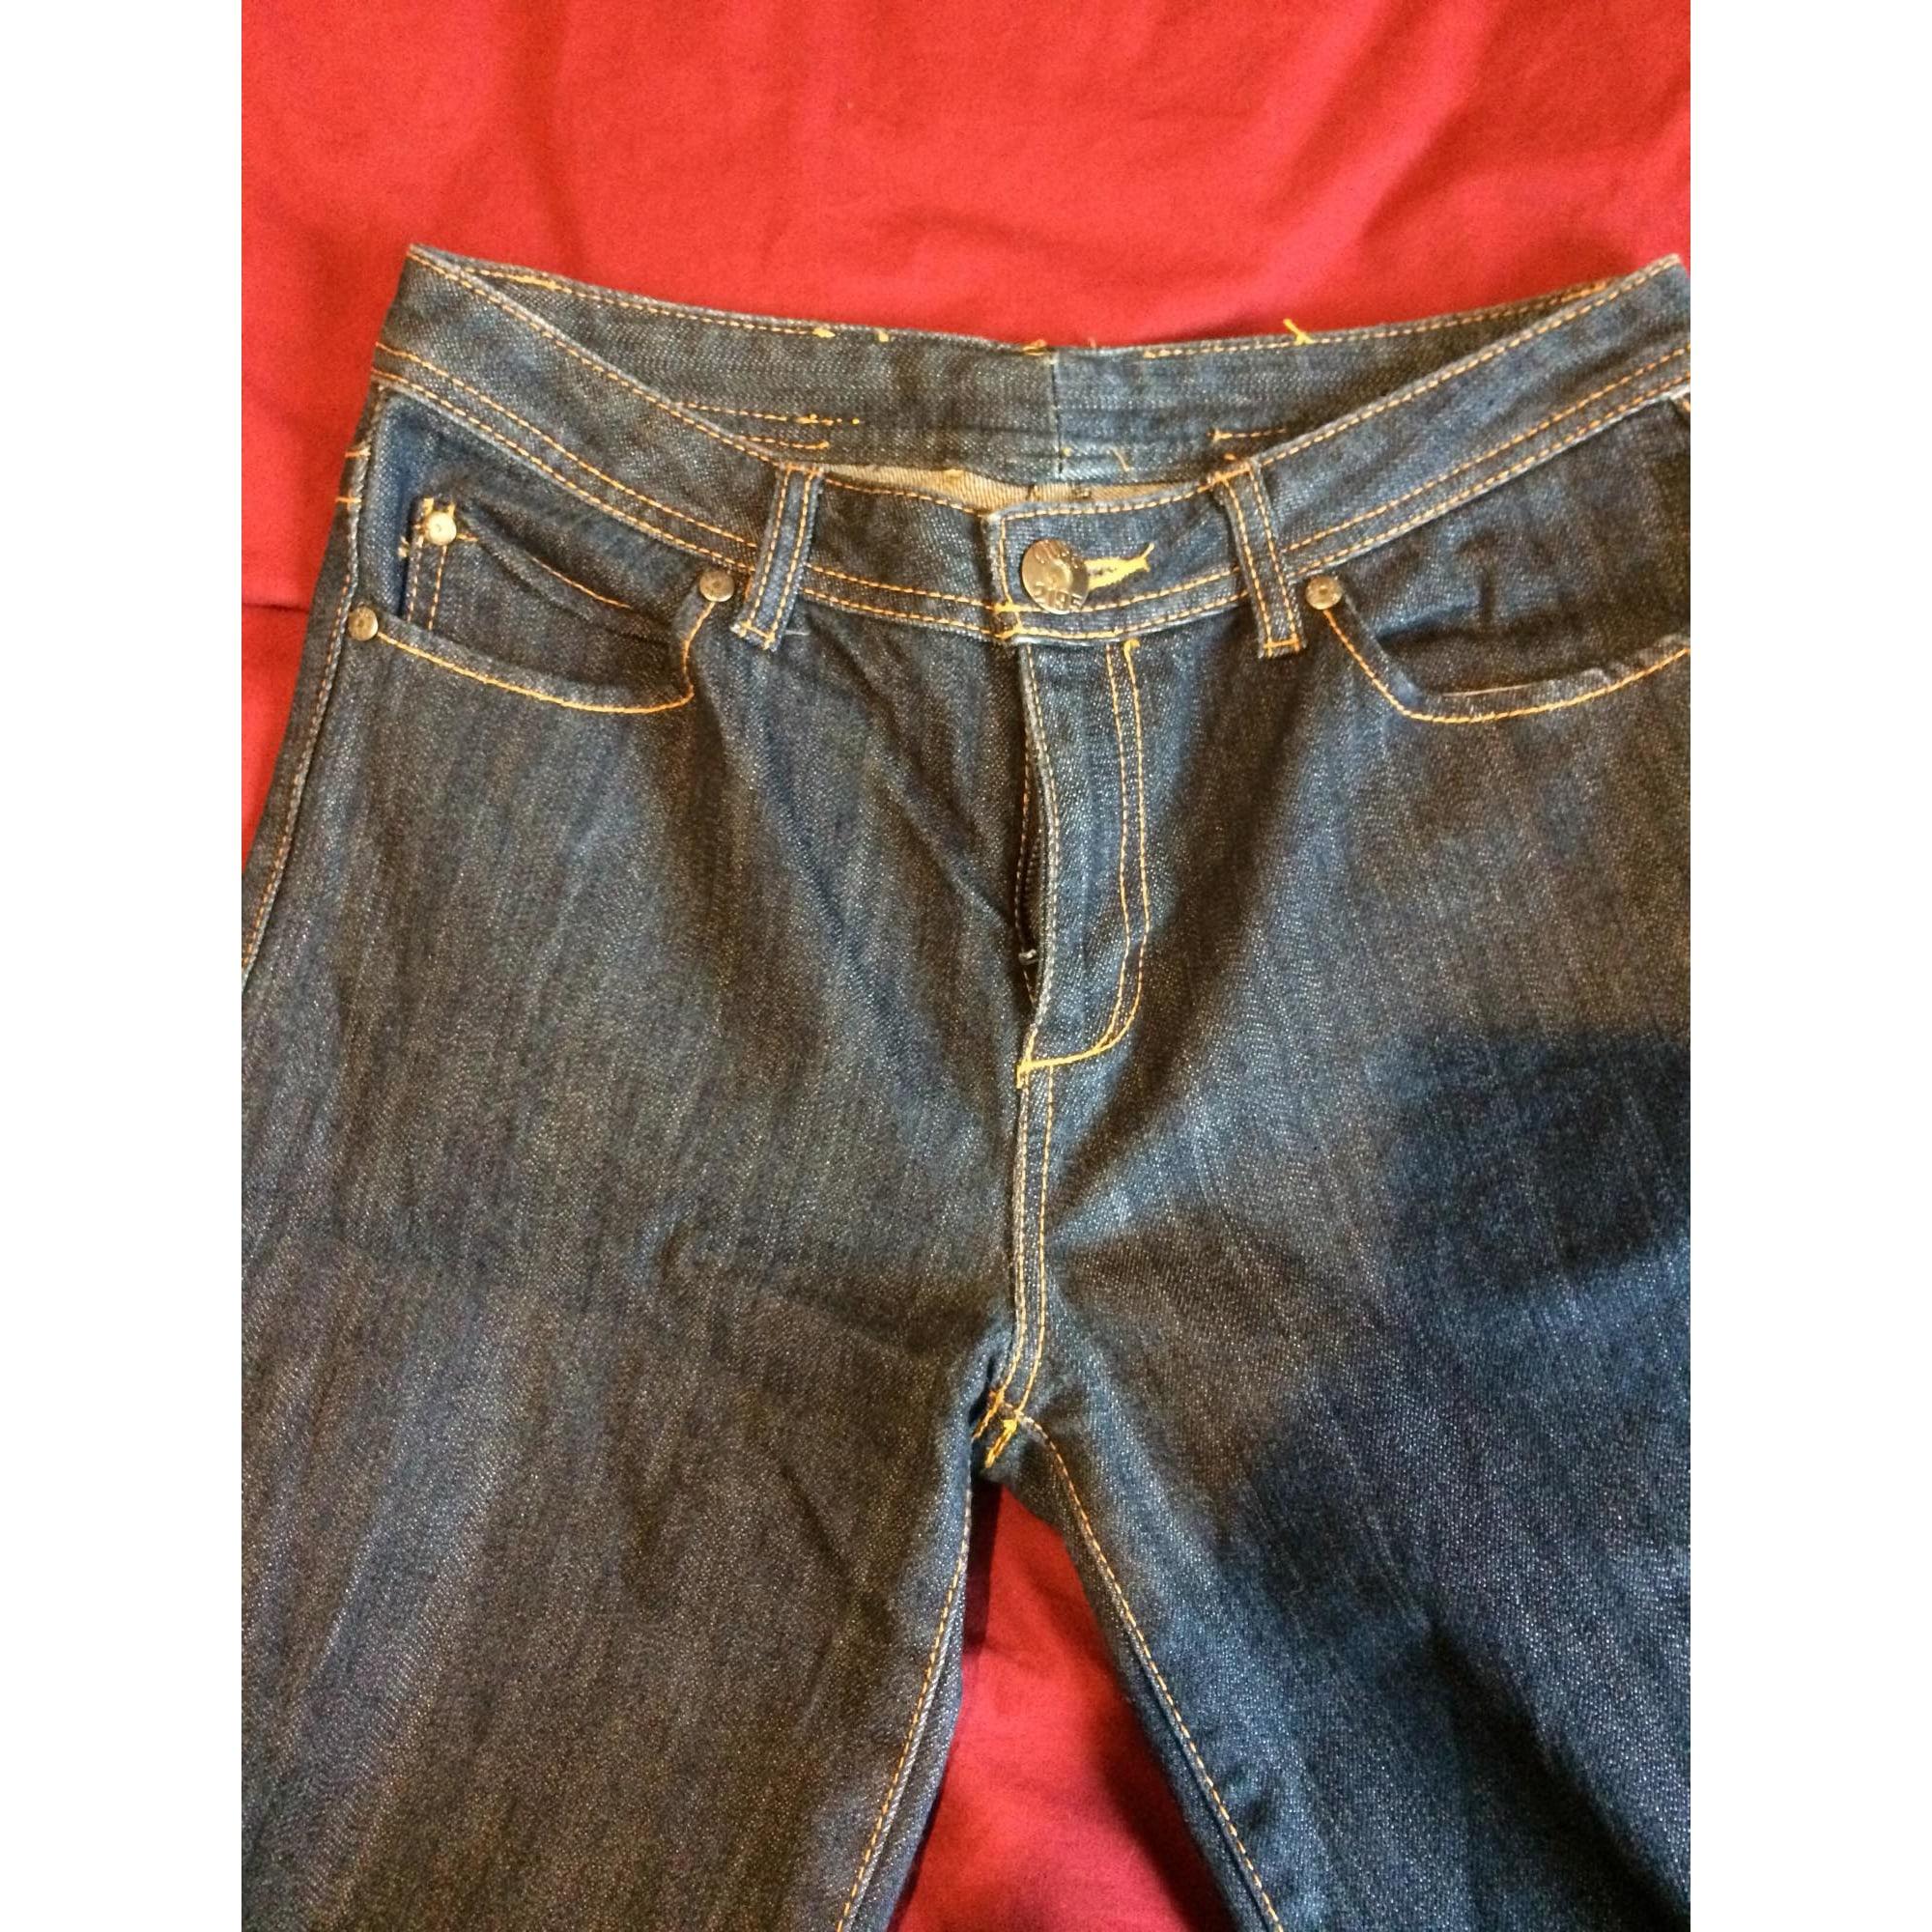 Jeans évasé, boot-cut MARQUE INCONNUE Bleu, bleu marine, bleu turquoise